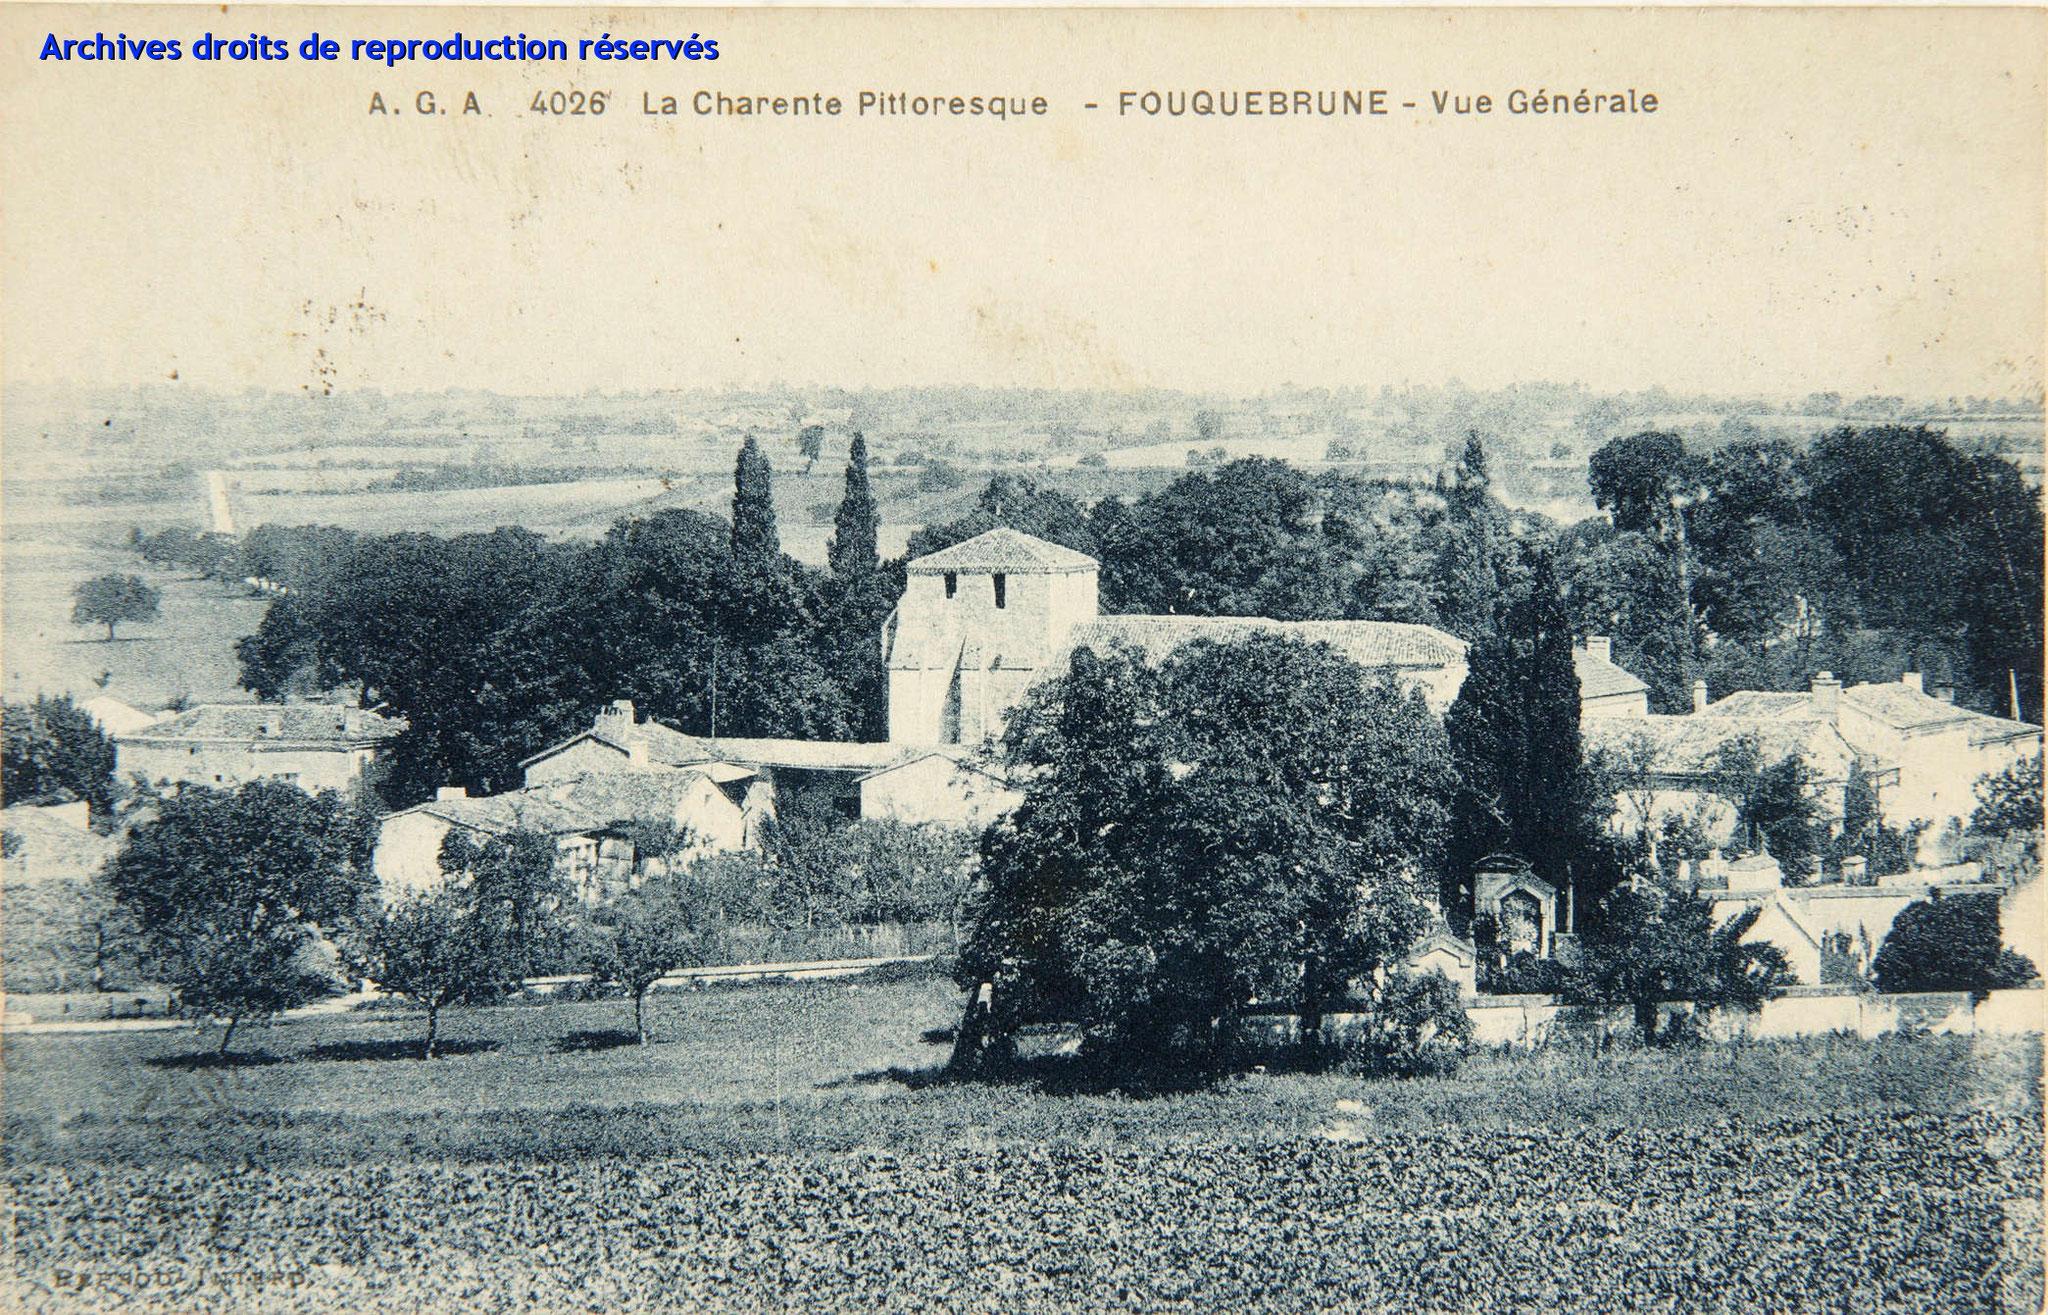 Carte postale 4026 - A.G.A - La Charente pittoresque - FOUQUEBRUNE Vue générale (Source : Archives départementales)